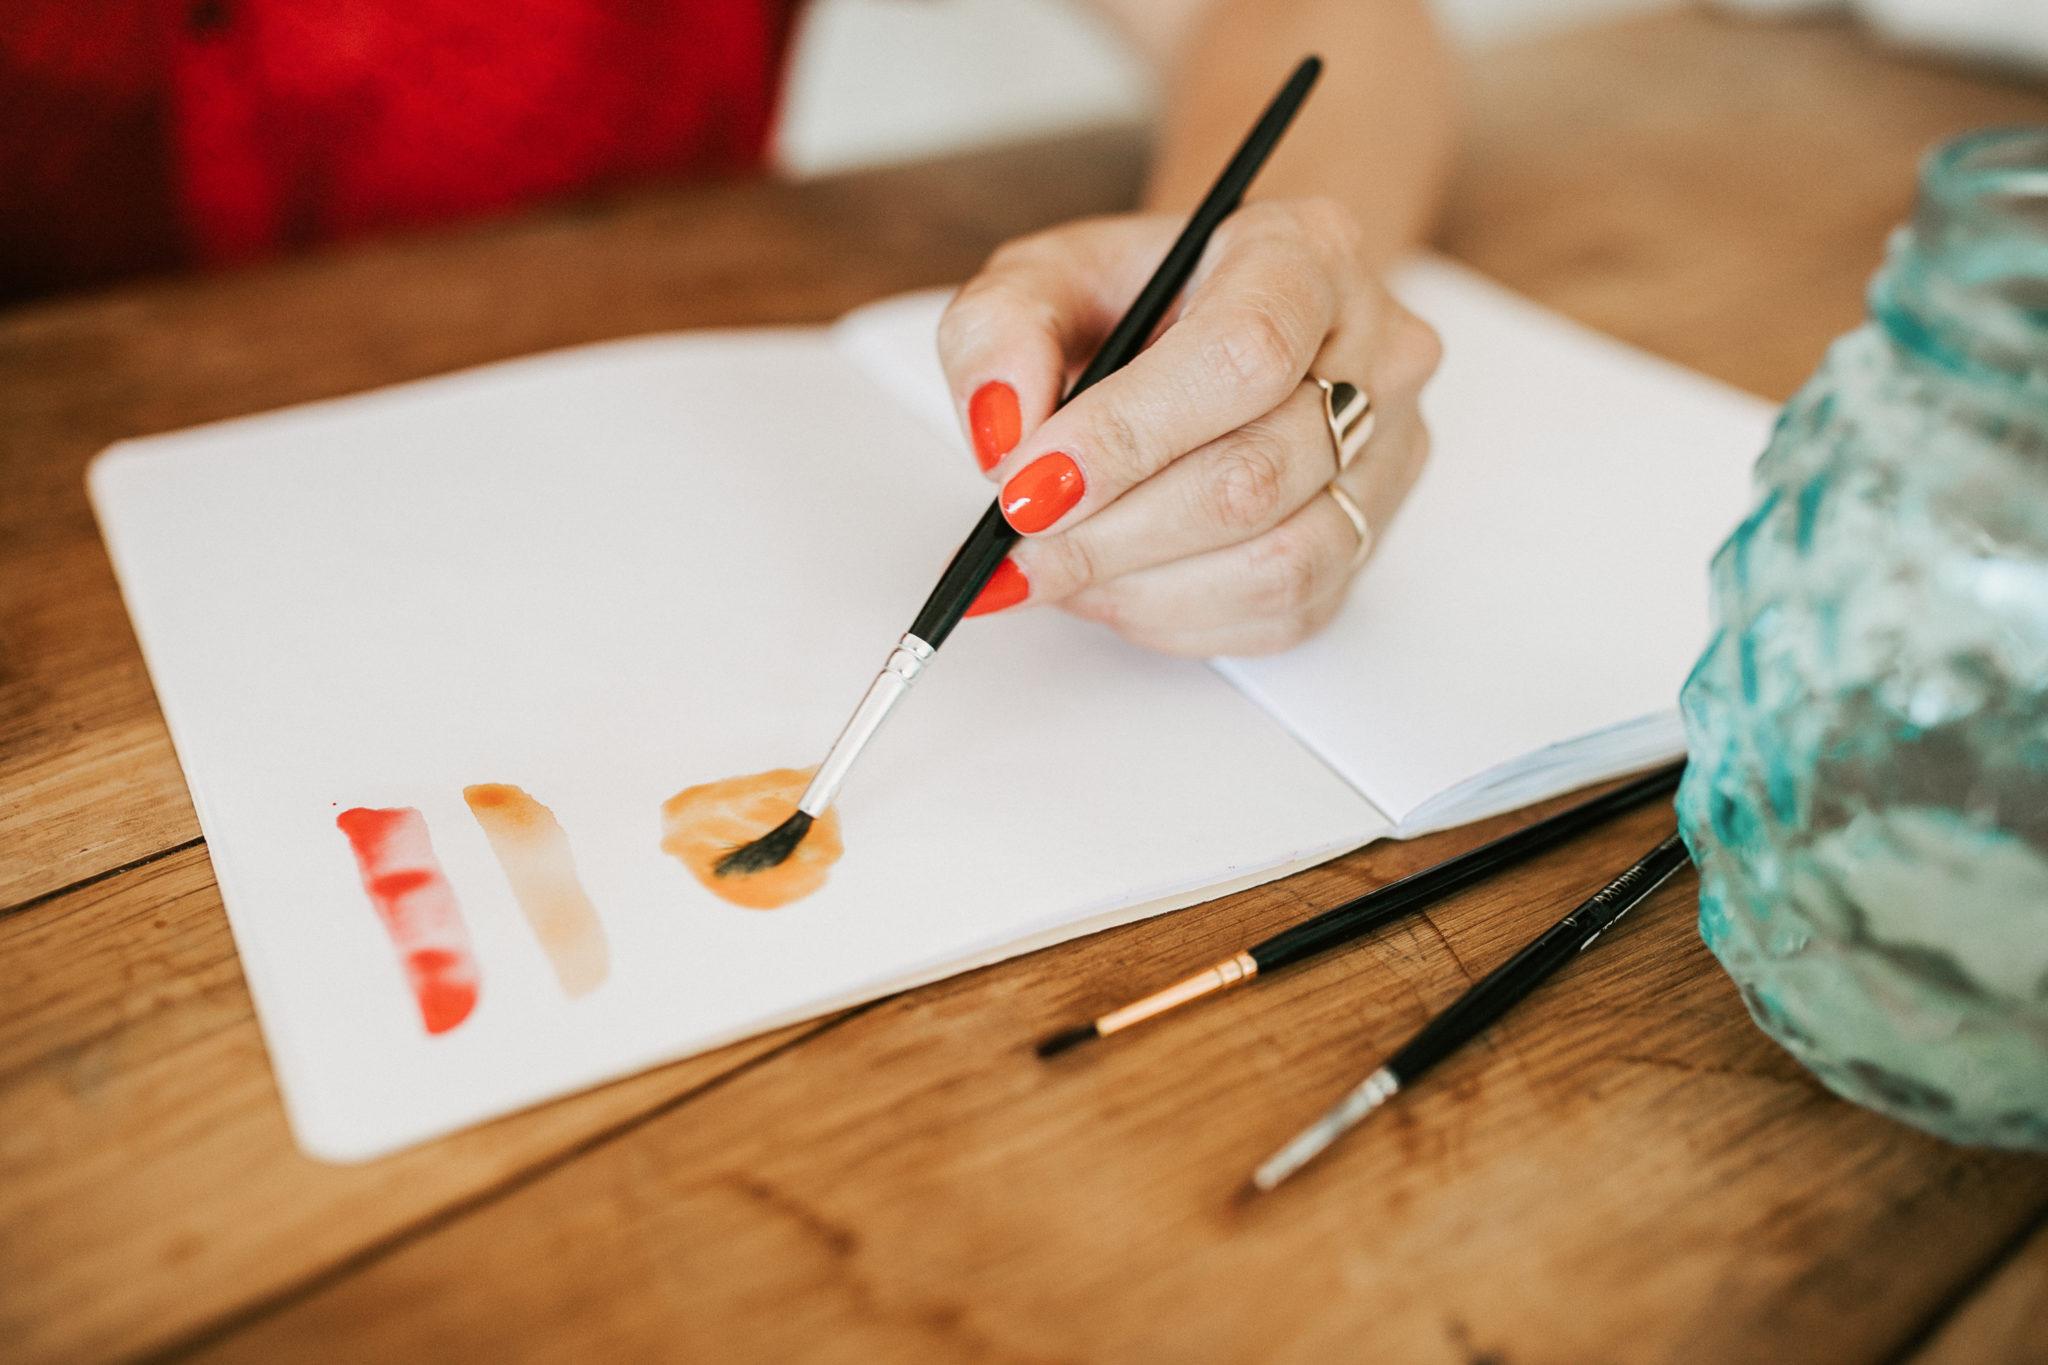 mains de femme dessinant aquarelle sur carnet